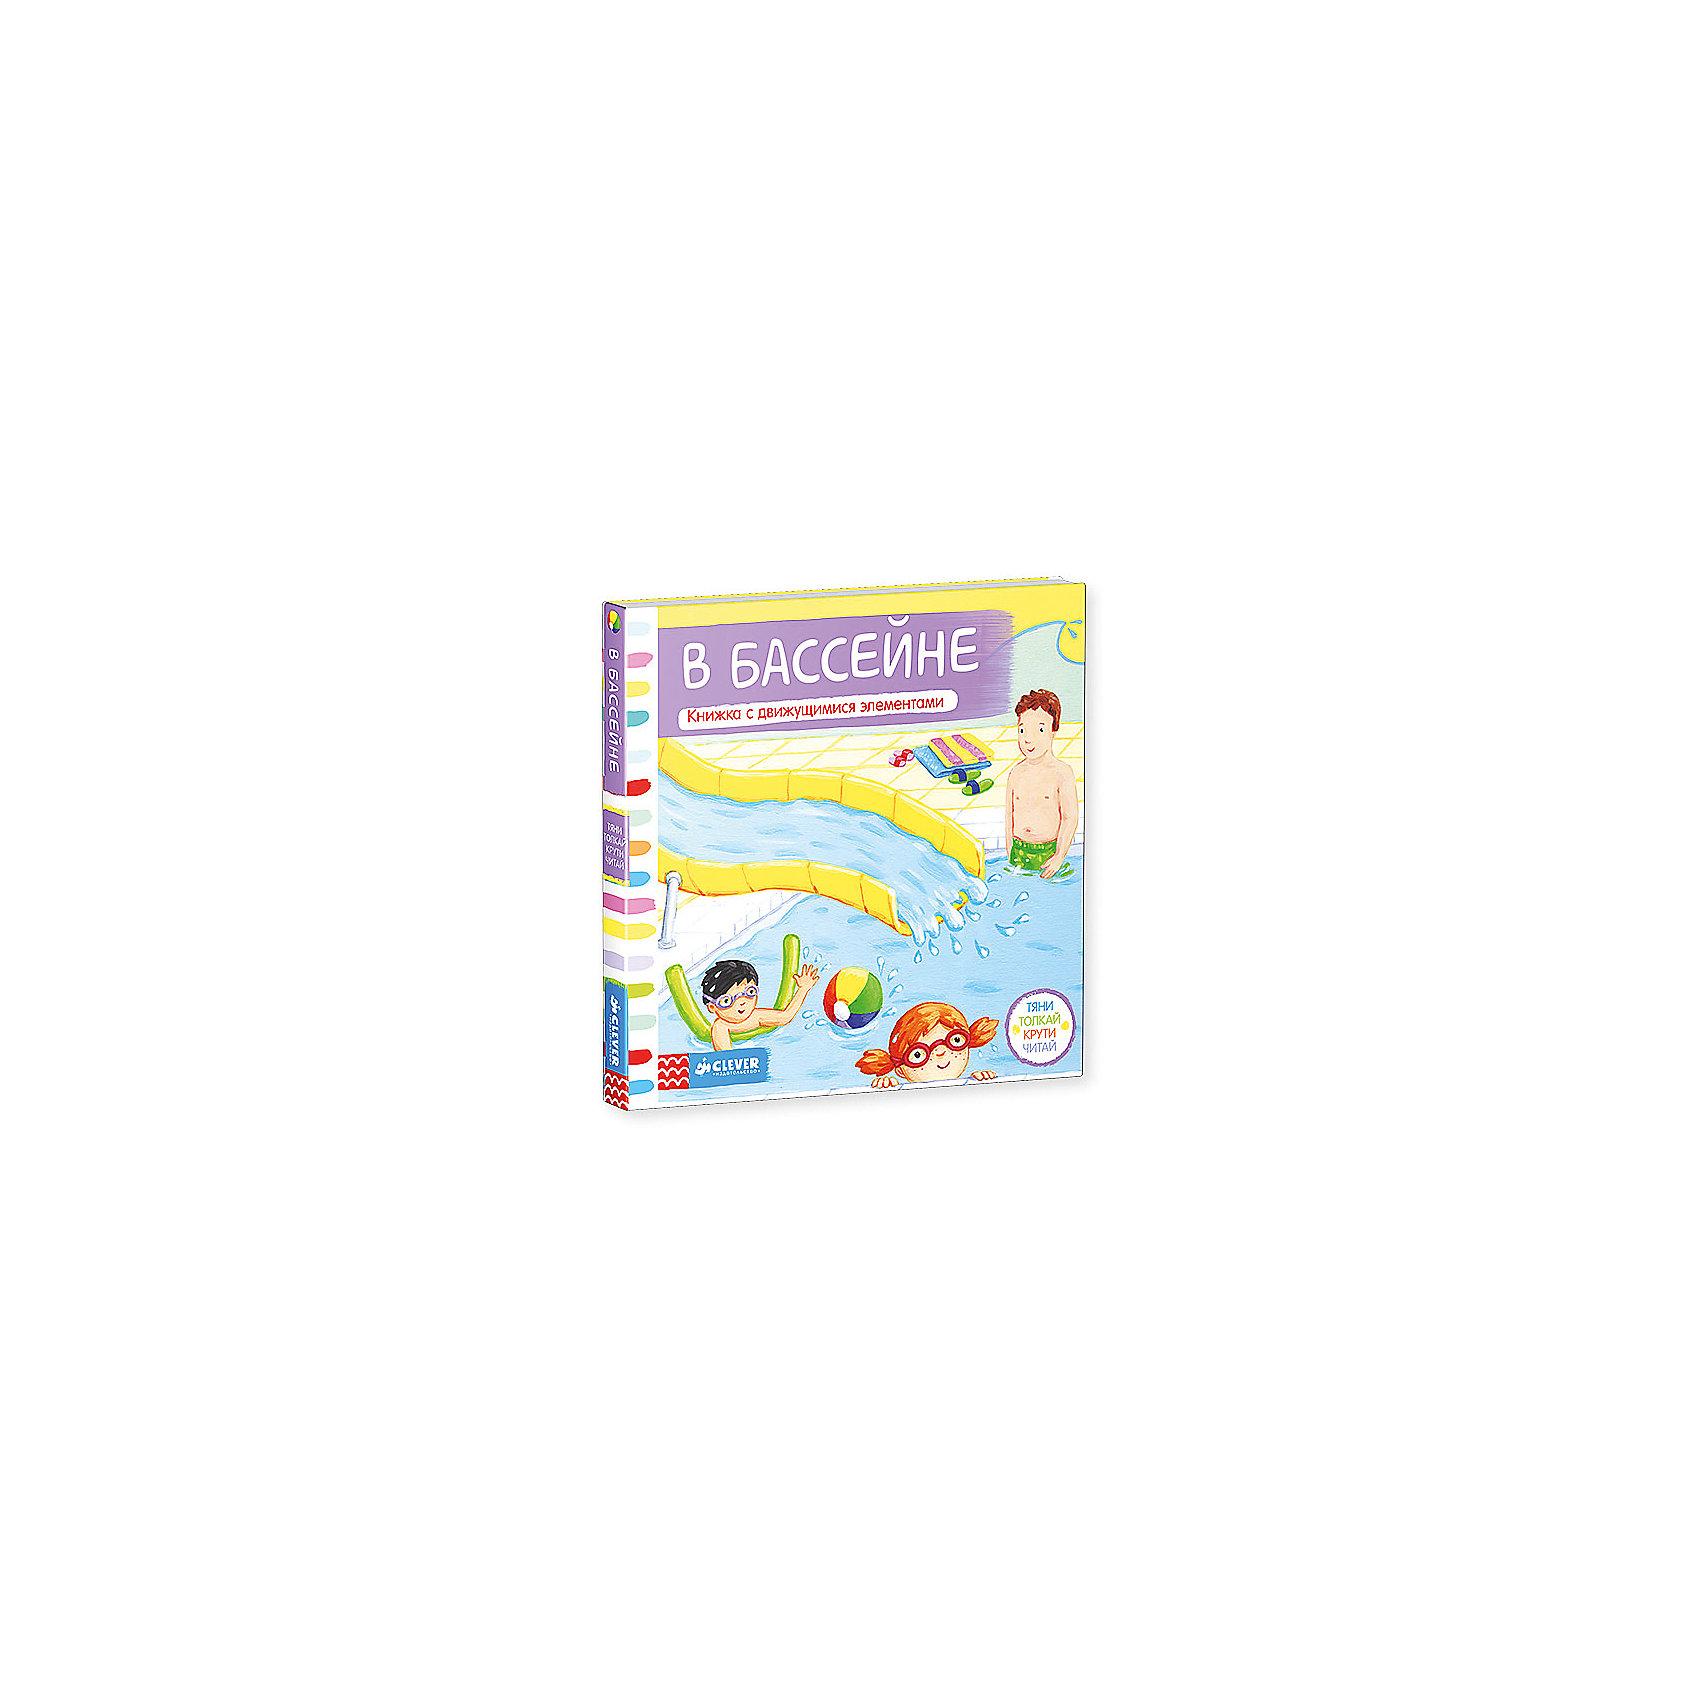 Книга с движущимися элементами В бассейнеПервые книги малыша<br>Книга с движущимися элементами В бассейне - увлекательная книжка-игрушка для малышей возраста 0-3 года.<br>Книга В бассейне – это познавательная книга для знакомства с окружающим миром и игра для развития мелкой моторики и внимания. Читайте веселые стихи и выполняйте задания. Рассказывайте ребенку о том, что плаванье это не только укрепление здоровья, но еще и приятное времяпрепровождения всей семьей. Расскажите, какие бывают средства безопасности на воде и о правилах поведения. У книги удобный формат и плотные картонные страницы с движущимися элементами.<br><br>Дополнительная информация:<br><br>- Переводчик: Фокина Юлия<br>- Редактор: Попова Евгения<br>- Издательство: Клевер Медиа Групп, 2016 г.<br>- Серия: Тяни, толкай, крути, читай<br>- Тип обложки: картонная обложка<br>- Оформление: вырубка, с подвижными элементами<br>- Иллюстрации: цветные<br>- Количество страниц: 8 (картон)<br>- Размер: 181x182x16 мм.<br>- Вес: 314 гр.<br><br>Книгу с движущимися элементами В бассейне можно купить в нашем интернет-магазине.<br><br>Ширина мм: 180<br>Глубина мм: 180<br>Высота мм: 15<br>Вес г: 285<br>Возраст от месяцев: 12<br>Возраст до месяцев: 36<br>Пол: Унисекс<br>Возраст: Детский<br>SKU: 4621988